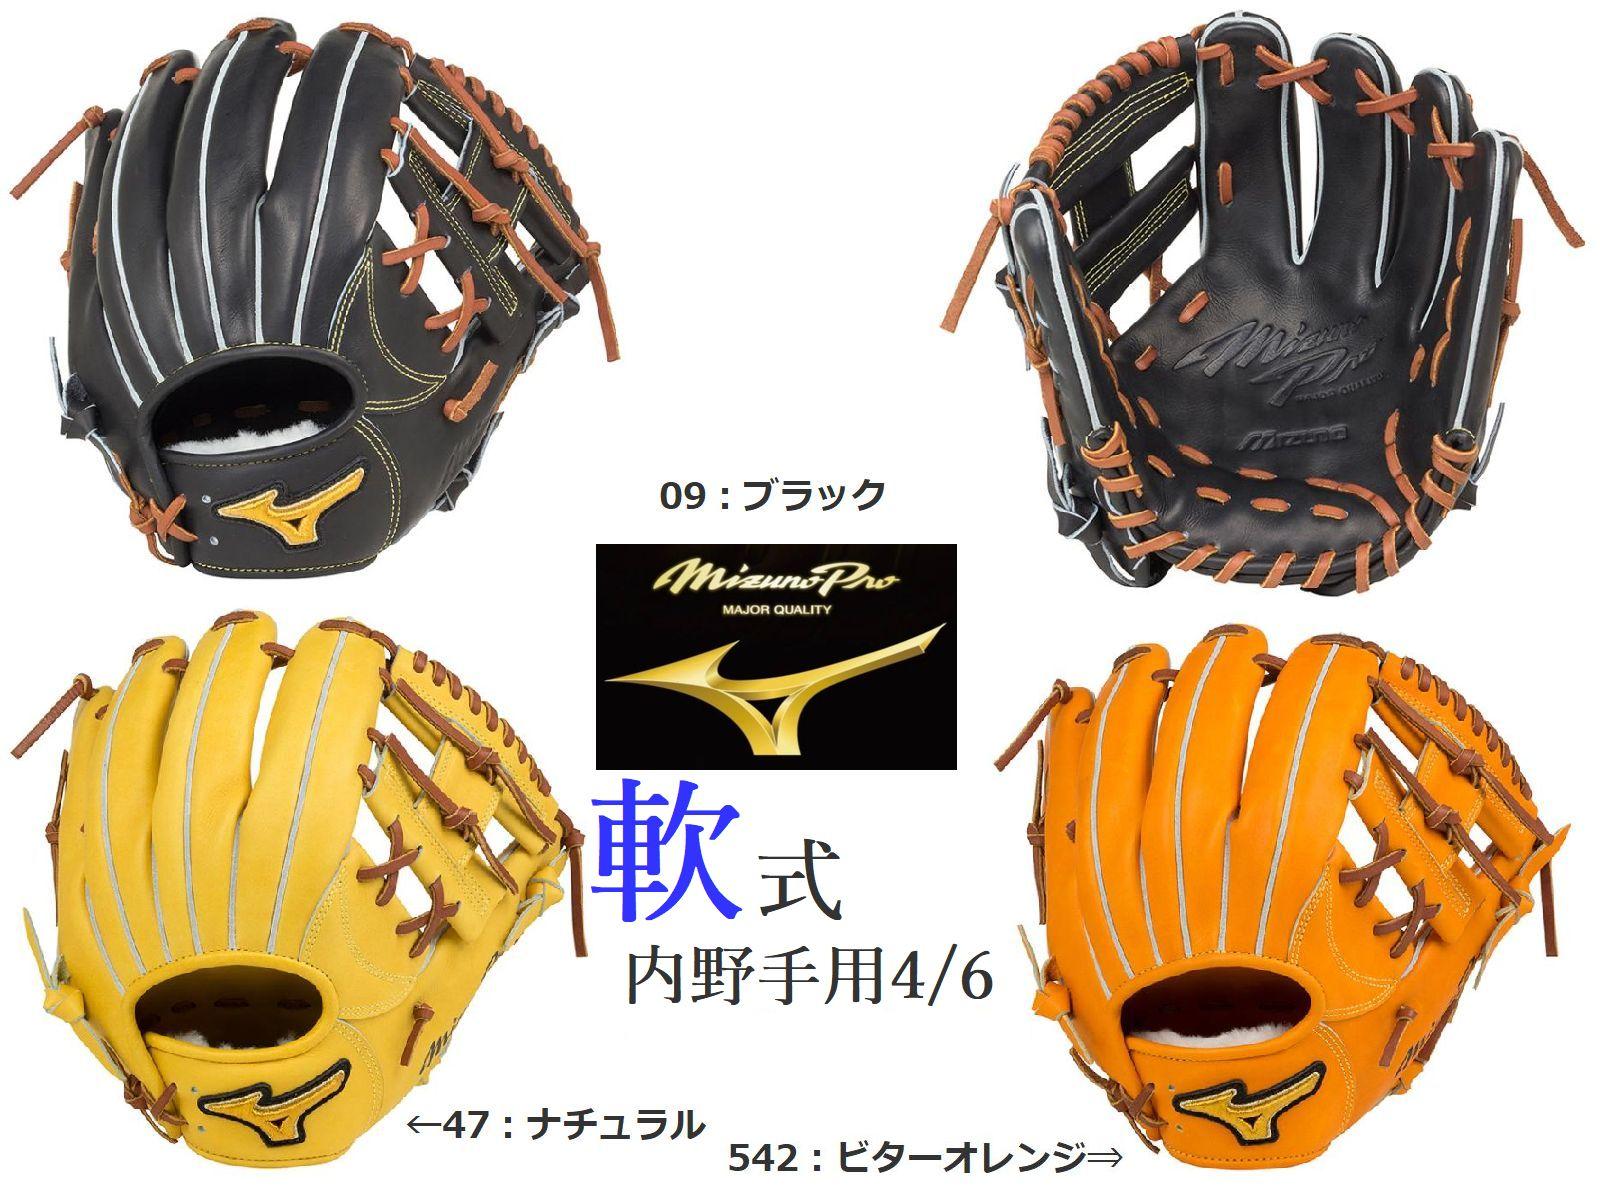 【Mizuno PRO=ミズノプロ】野球 一般 軟式用 グラブ グローブ<フィンガーコアテクノロジー【内野手用4 4/6(二塁手・遊撃手向/セカンド・ショート向) (タイト設計タイプ)】>[ポケット正面タイプ](サイズ:8)<ナチュラル/ビターオレンジ/ブラック>